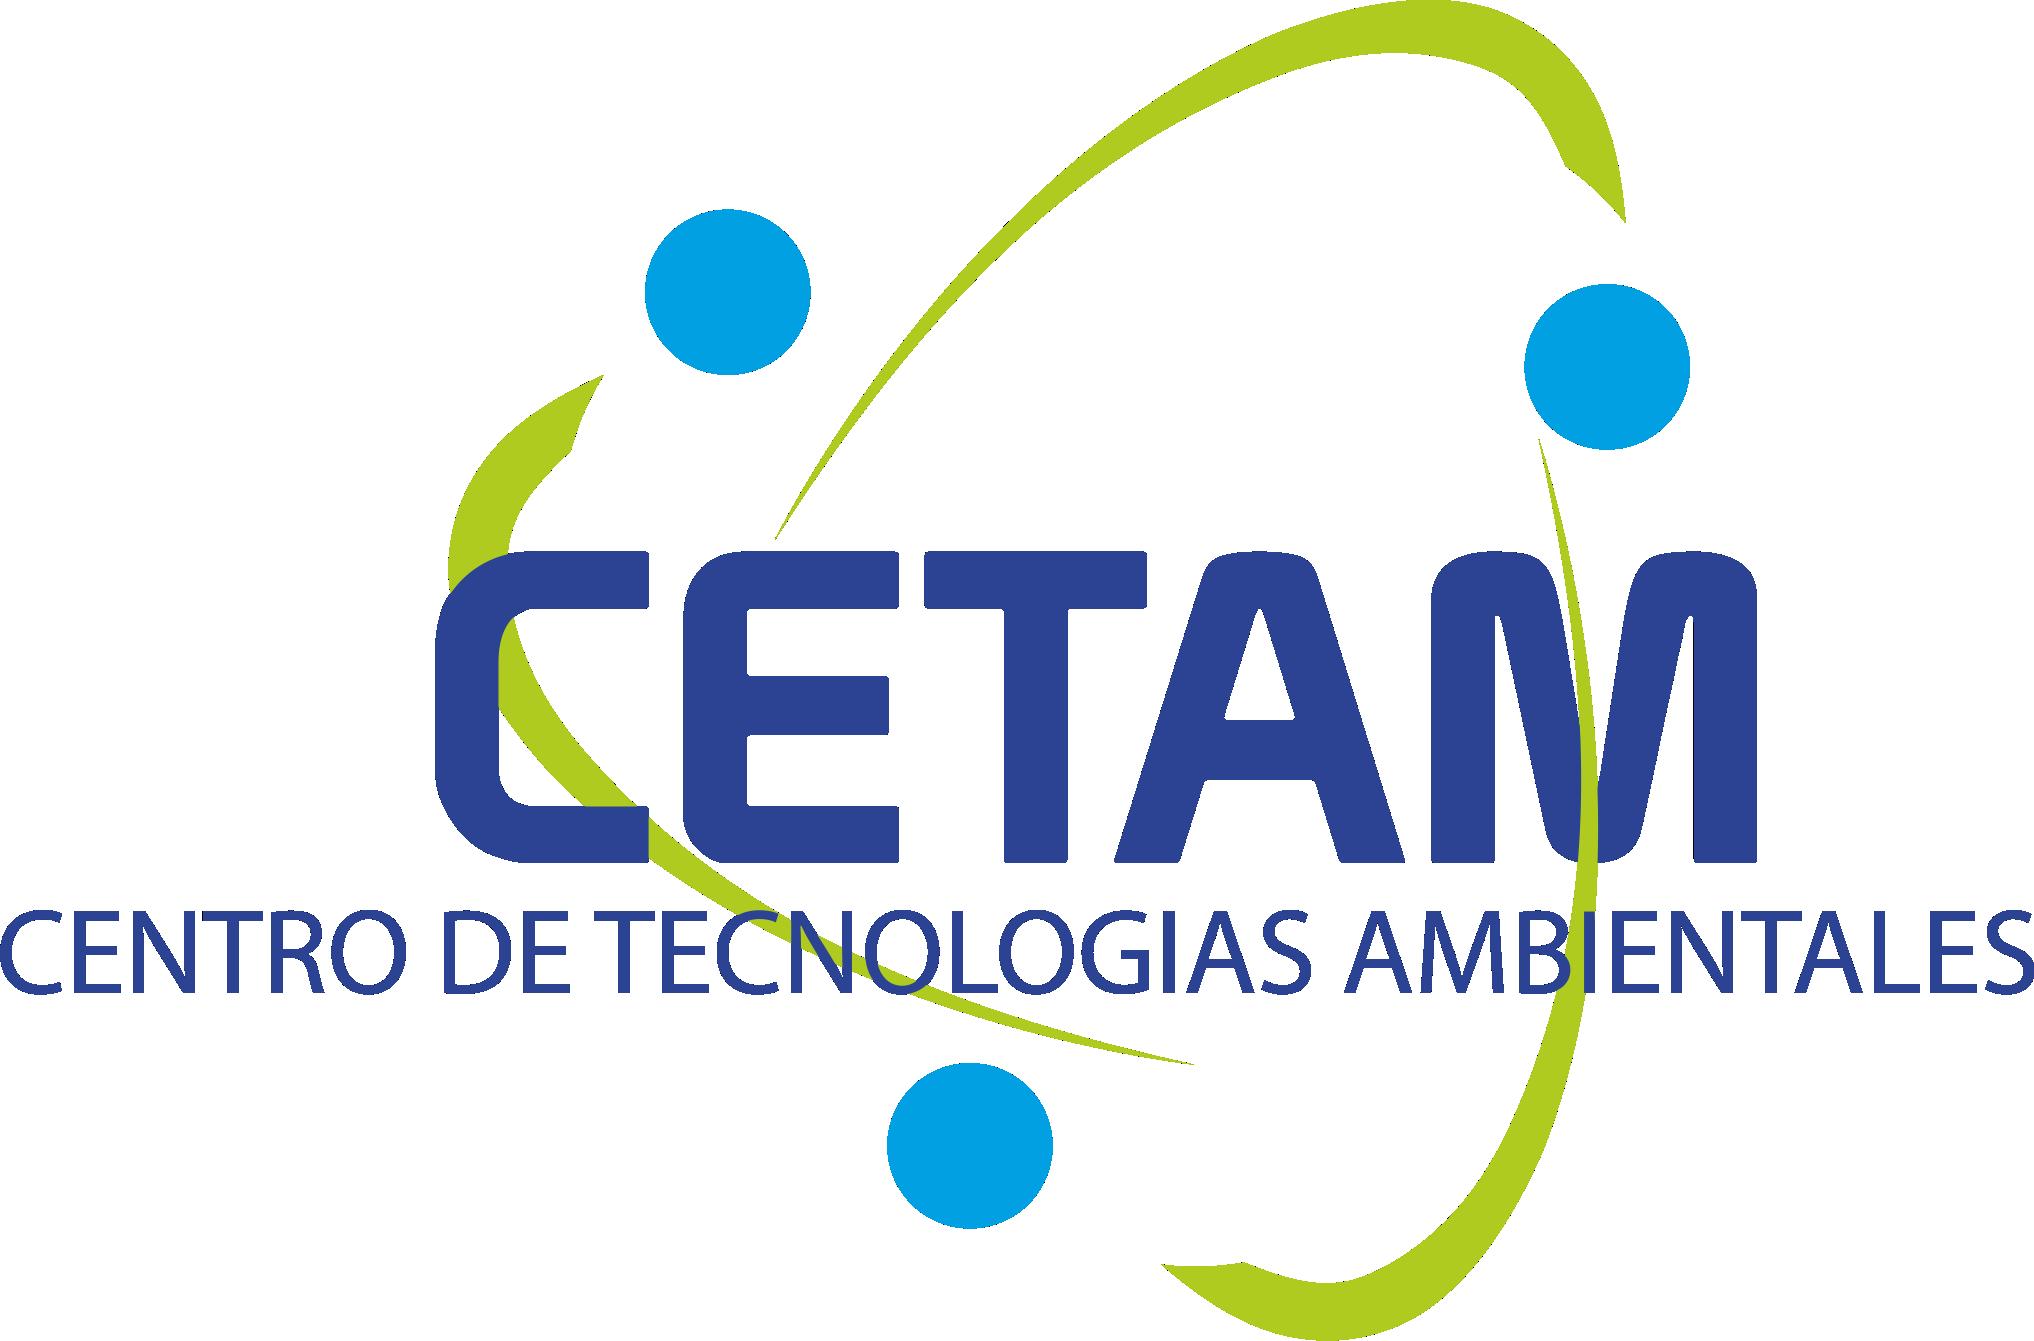 cetam